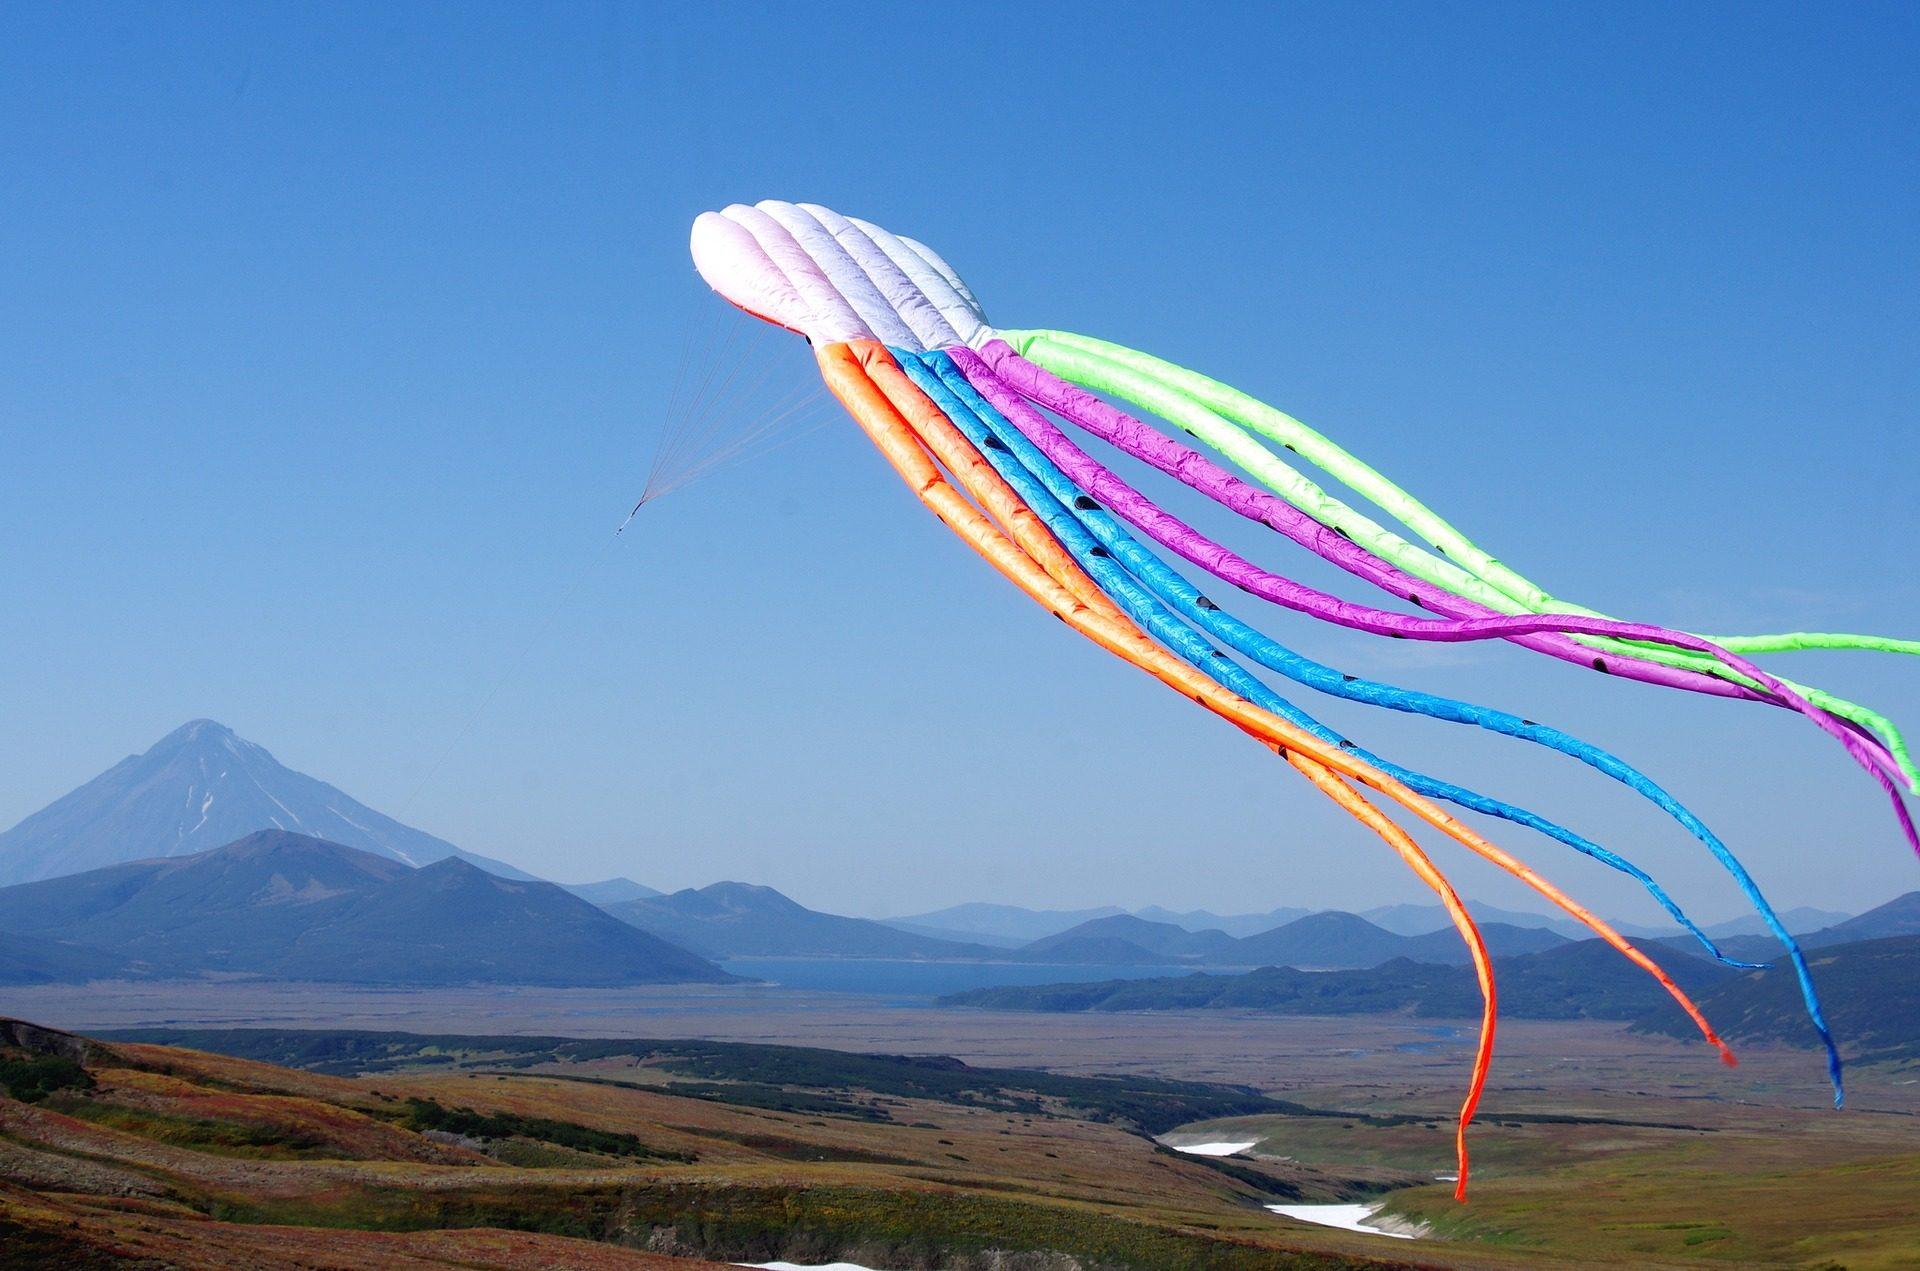 放风筝, 飞行, 高度, Montañas, 地平线 - 高清壁纸 - 教授-falken.com